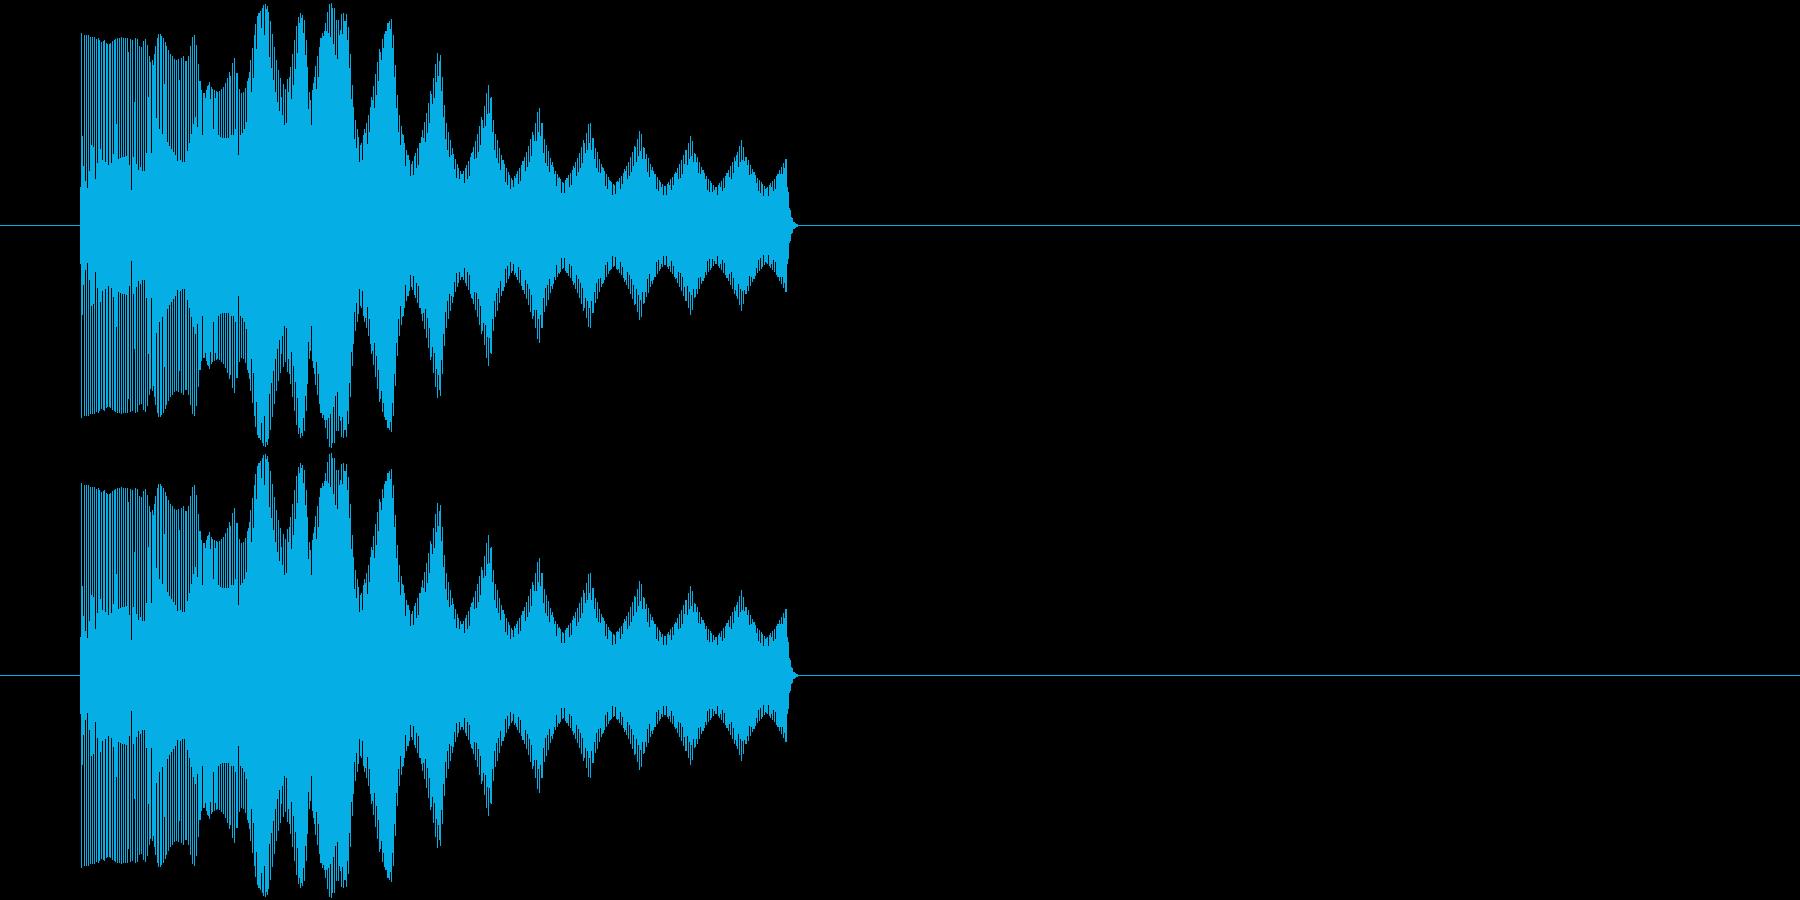 ビヨーン(潰れた音、撃沈、不正解)の再生済みの波形